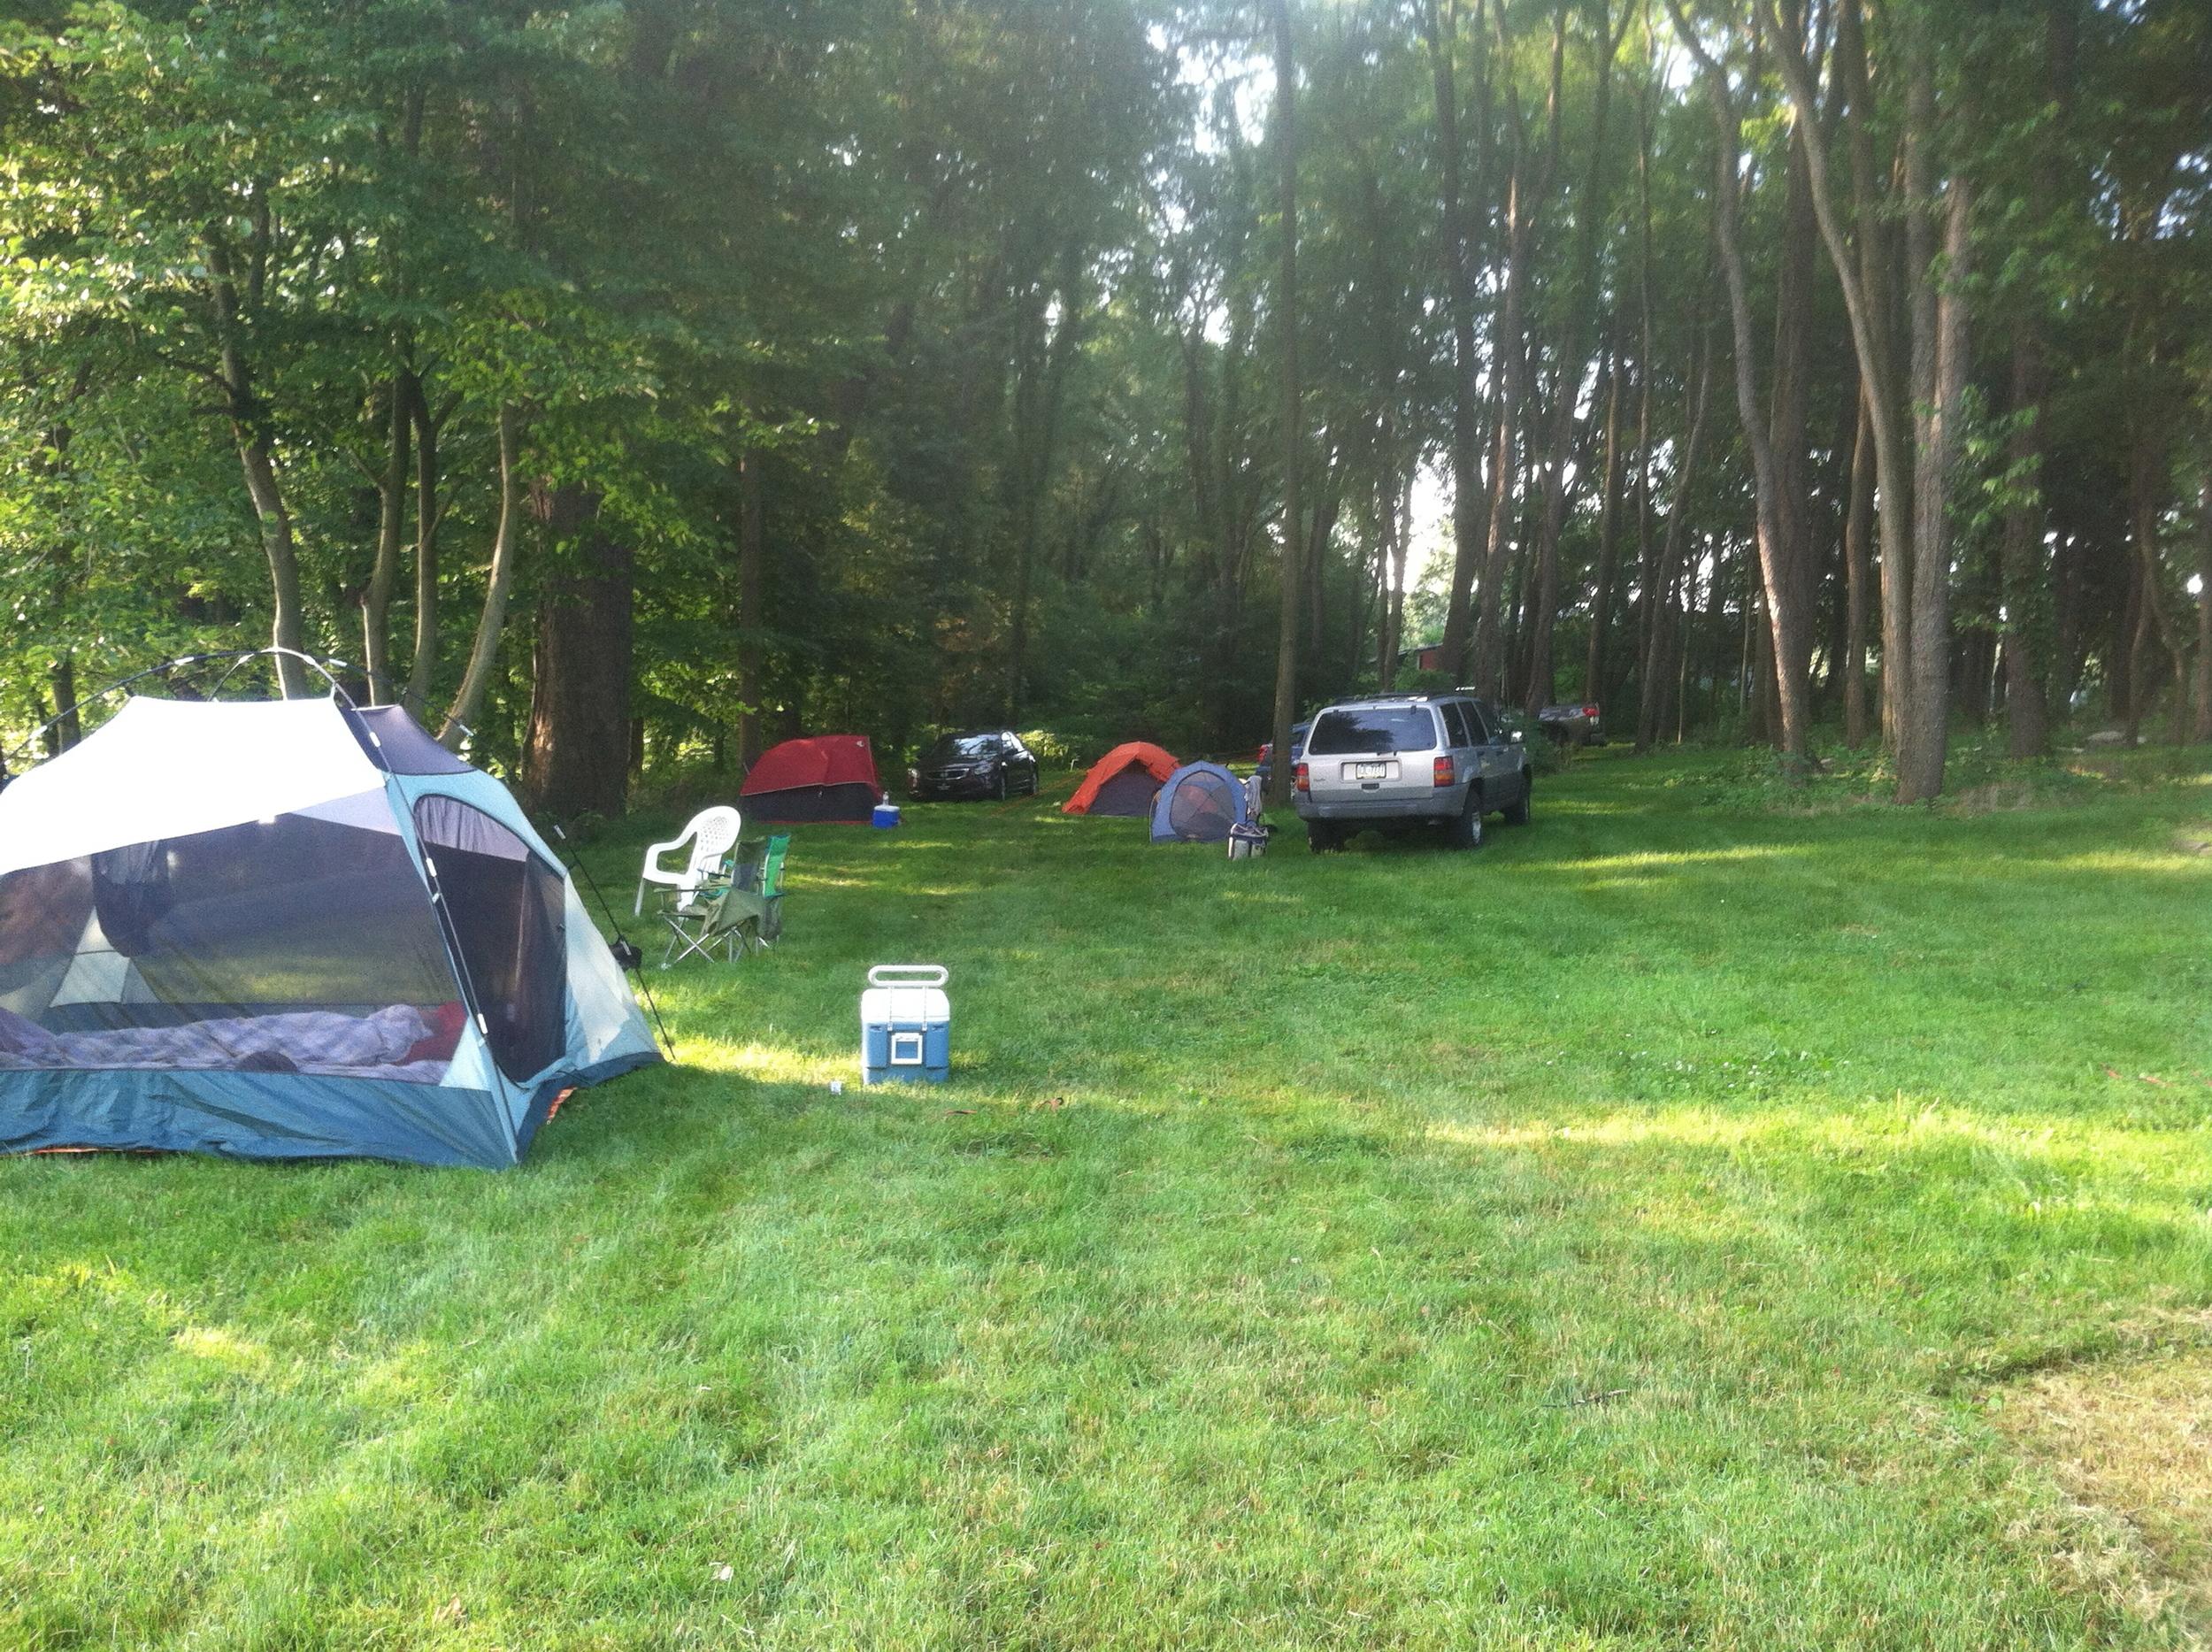 2013 - Car camping - Friday